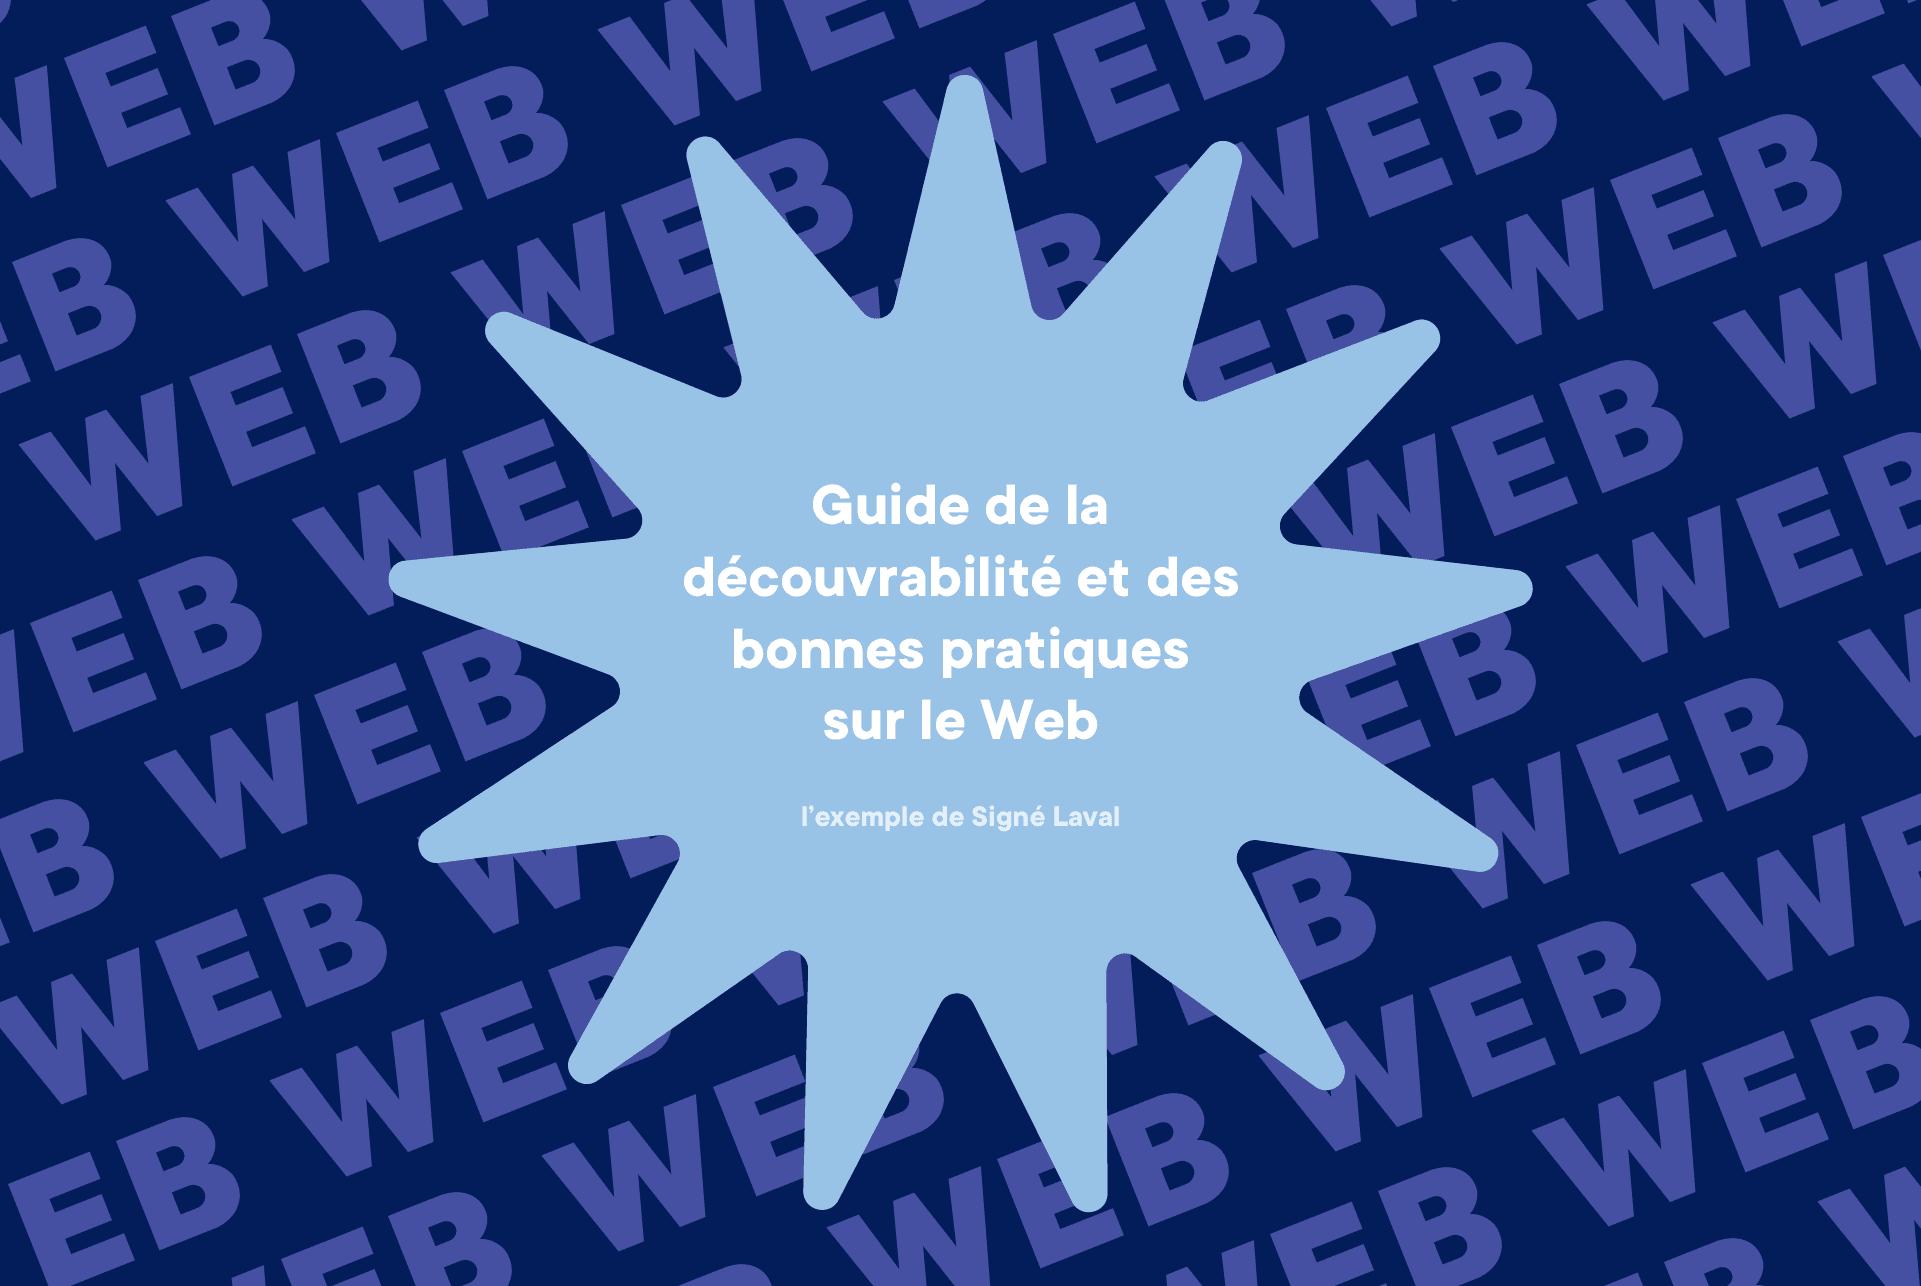 Guide de la découvrabilité et des bonnes pratiques sur le Web